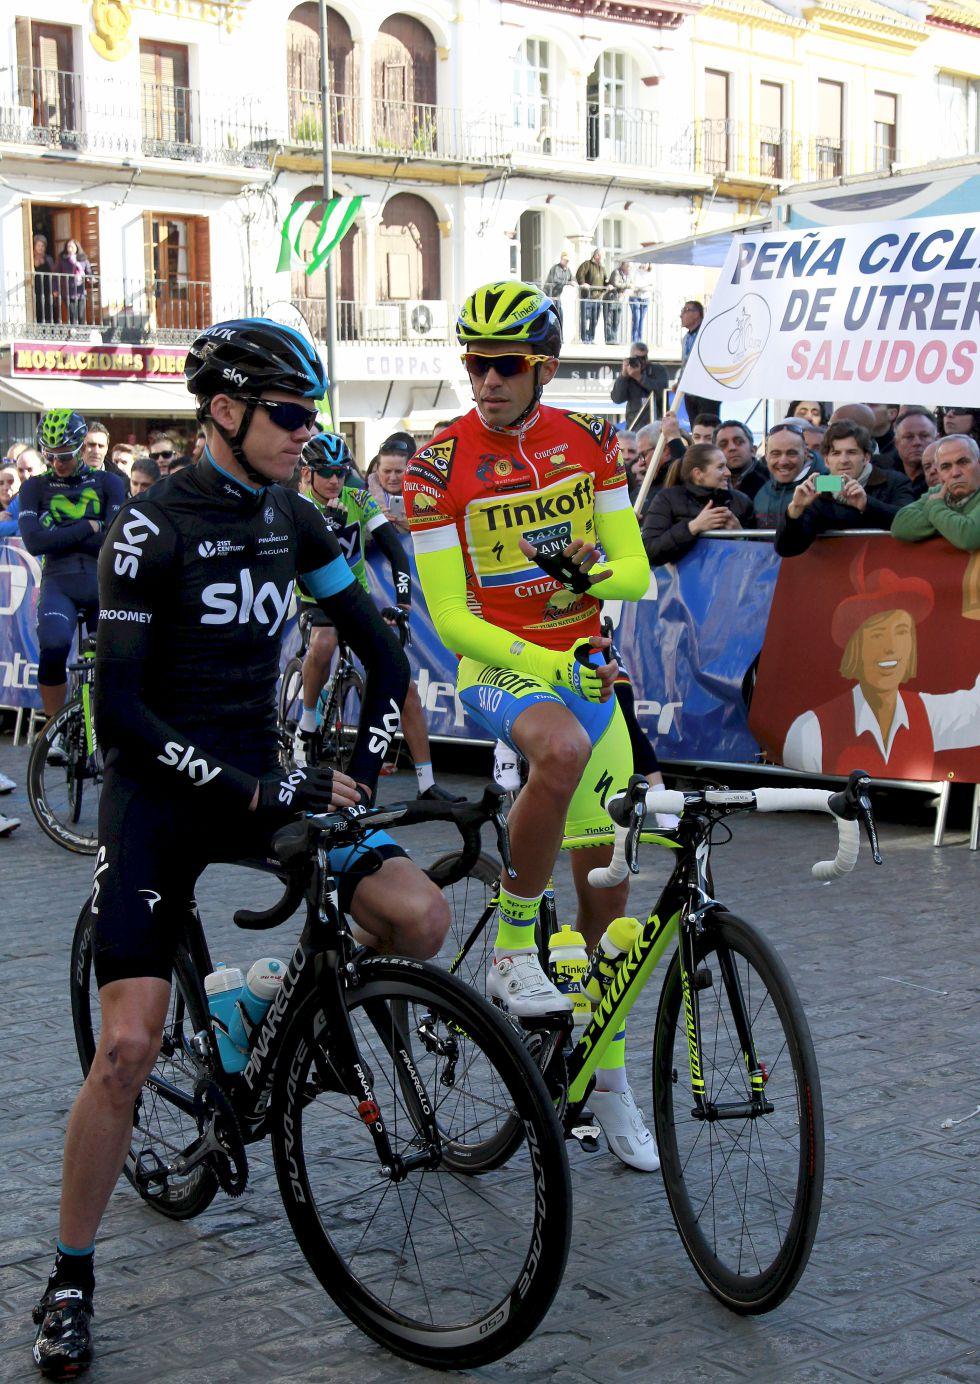 Vuelta a Andalucía 2015 1424395726_909538_1424395819_noticia_grande